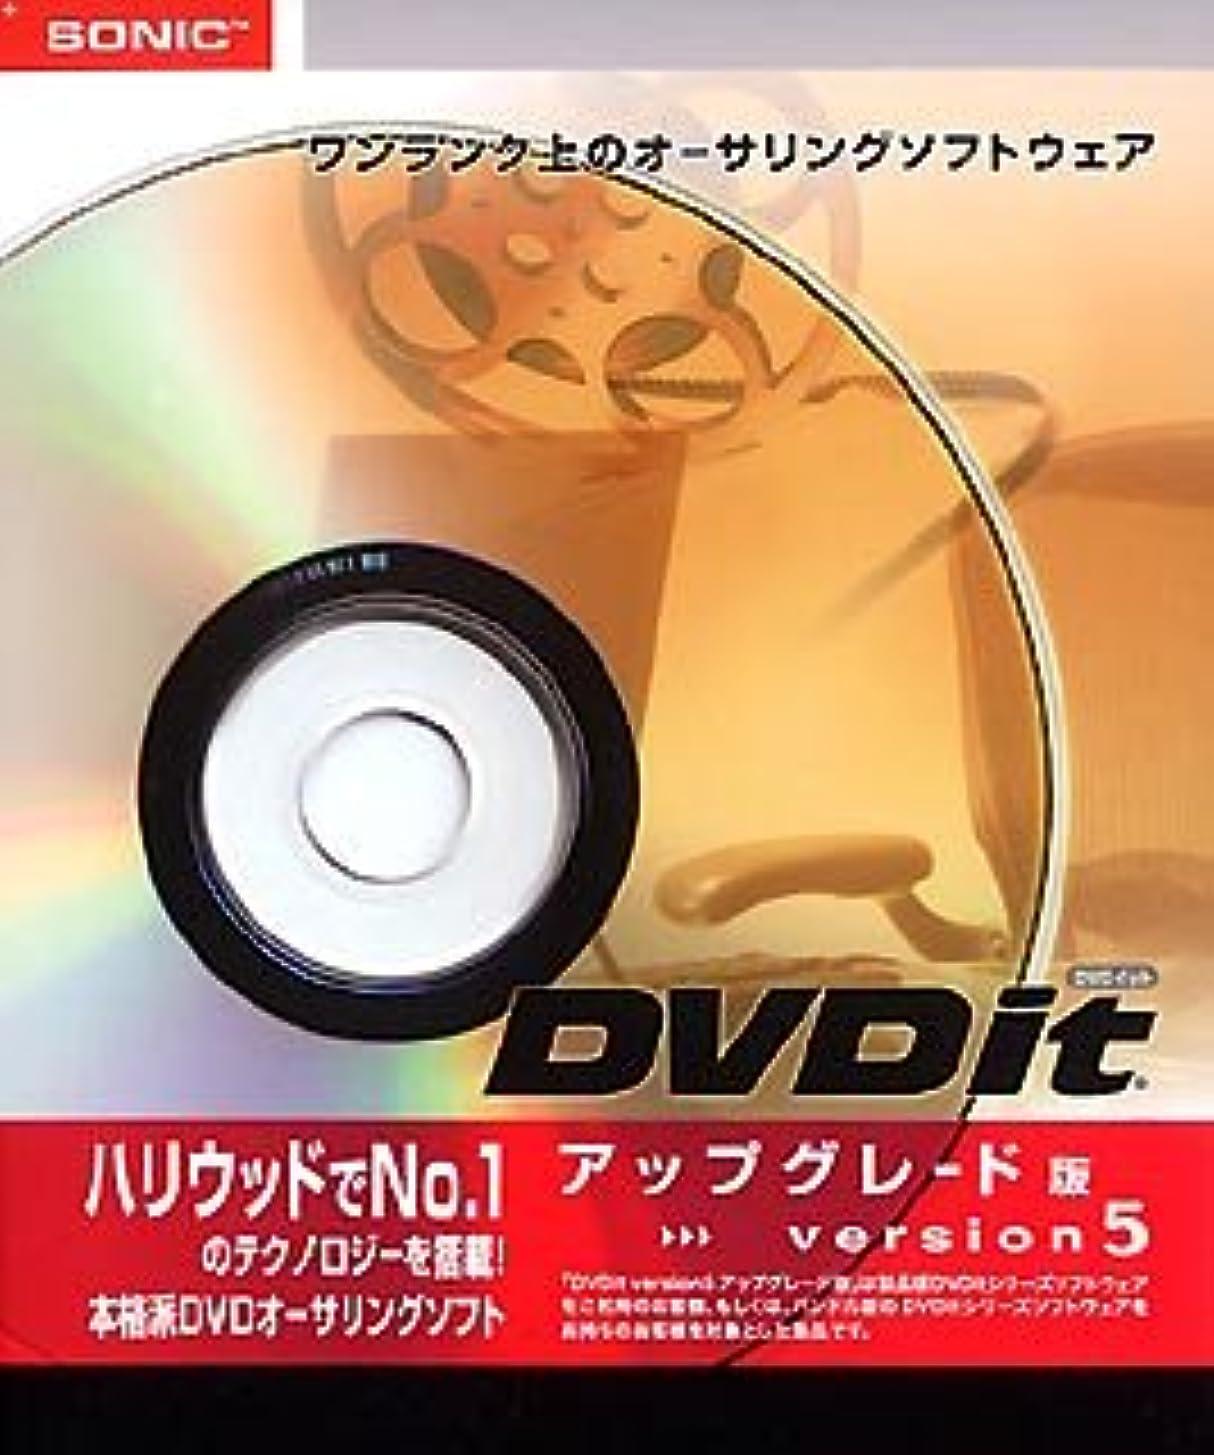 DVDit version 5 アップグレード版